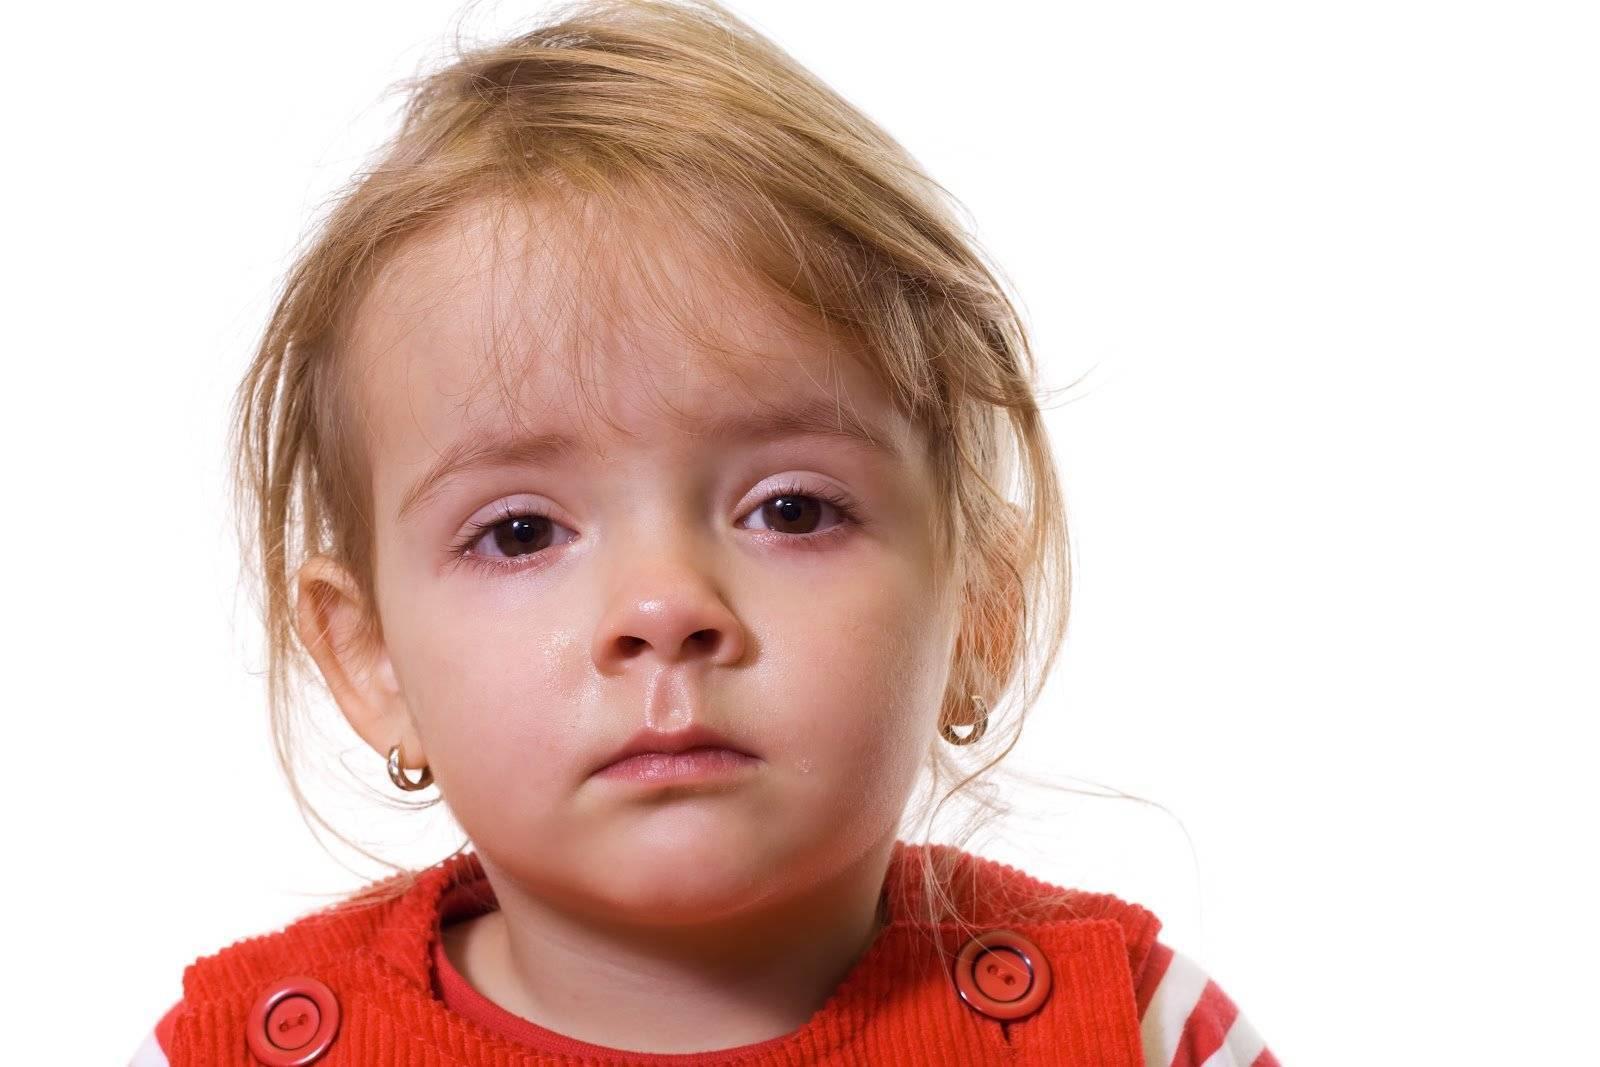 Мамин справочник: как лечить аллергический конъюнктивит у ребенка?